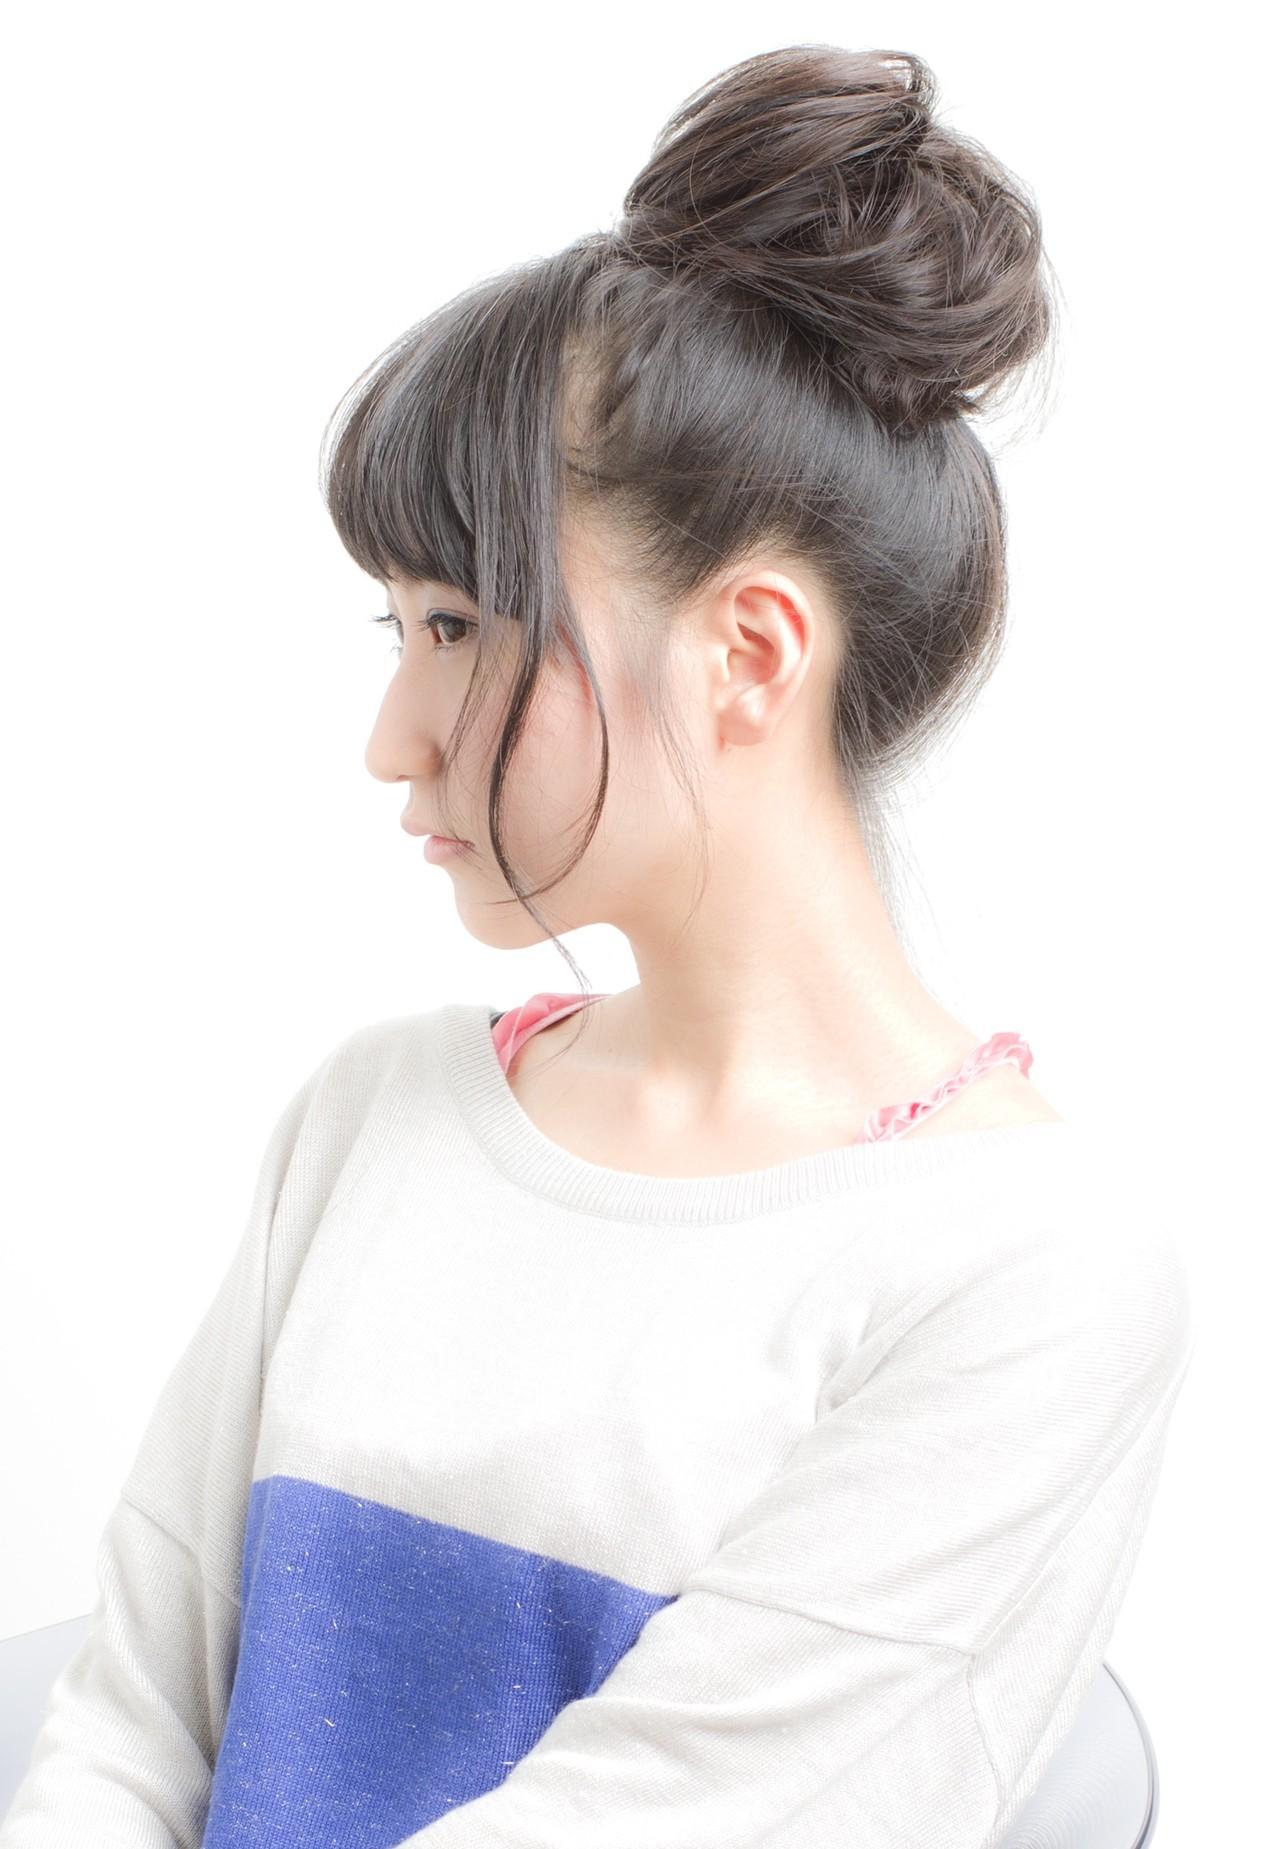 お団子 スポーツ ヘアアレンジ ロング ヘアスタイルや髪型の写真・画像 | 荒巻 充 / トライベッカ浦和店